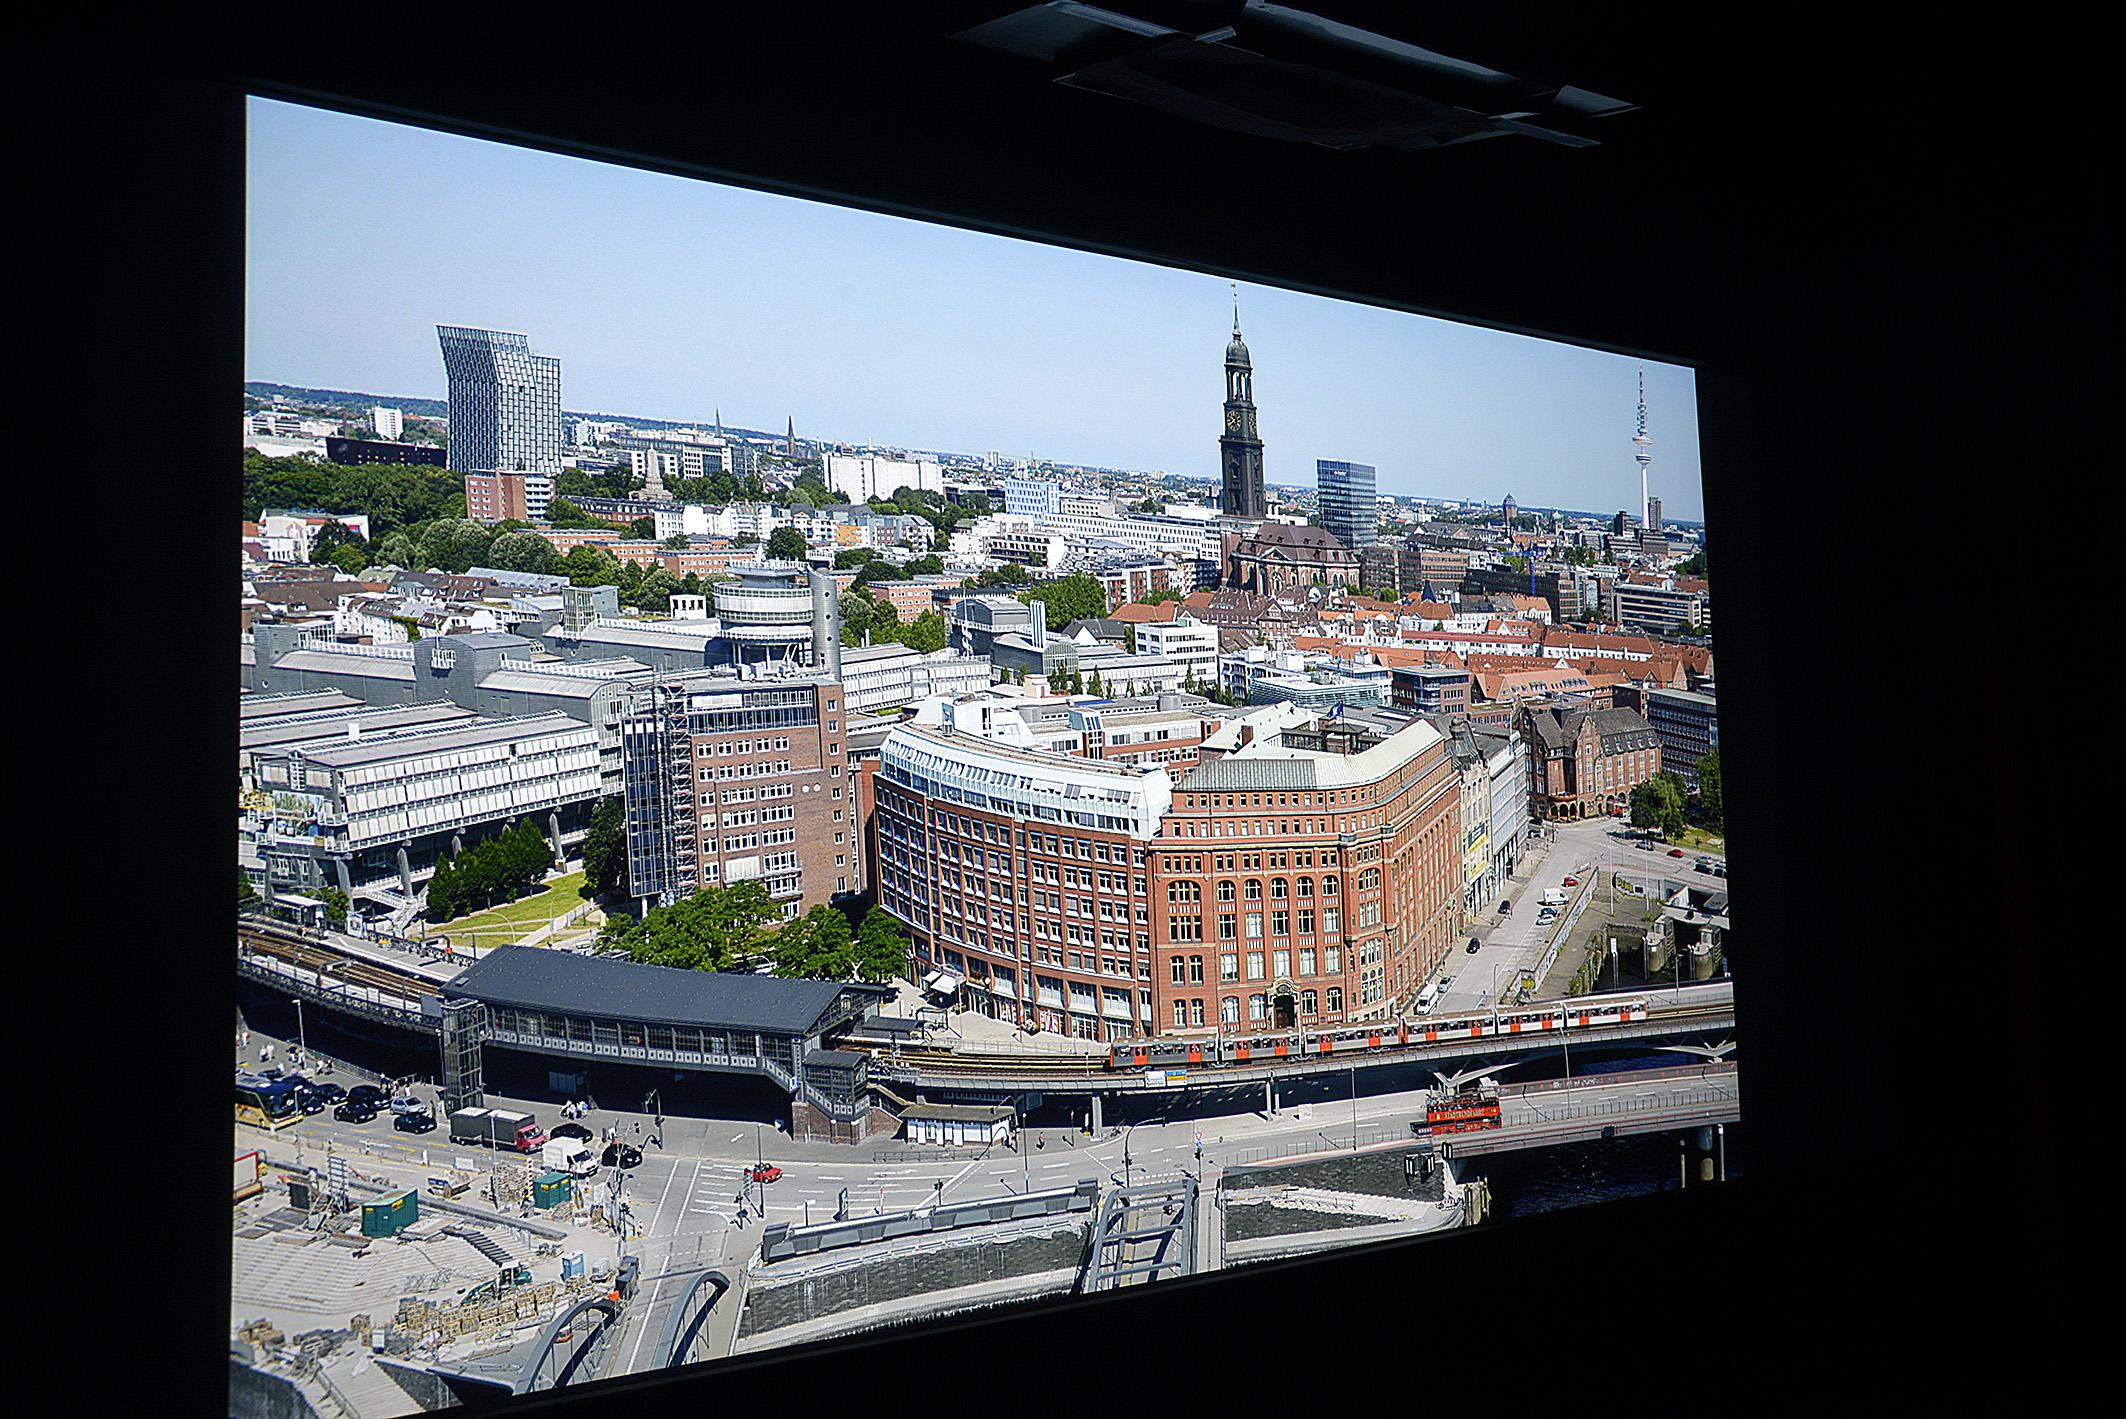 Foto: Michael B. Rehders Diese Panoramaaufnahme von Hamburg habe ich aus der 21. Etage des Hanseatic Trade Centers geschossen. Auffällig ist die homogene Ausleuchtung über die gesamte Bildfläche. Ebenso gefällt mir die vorzügliche Schärfe auf dem gesamten Bildwerk.